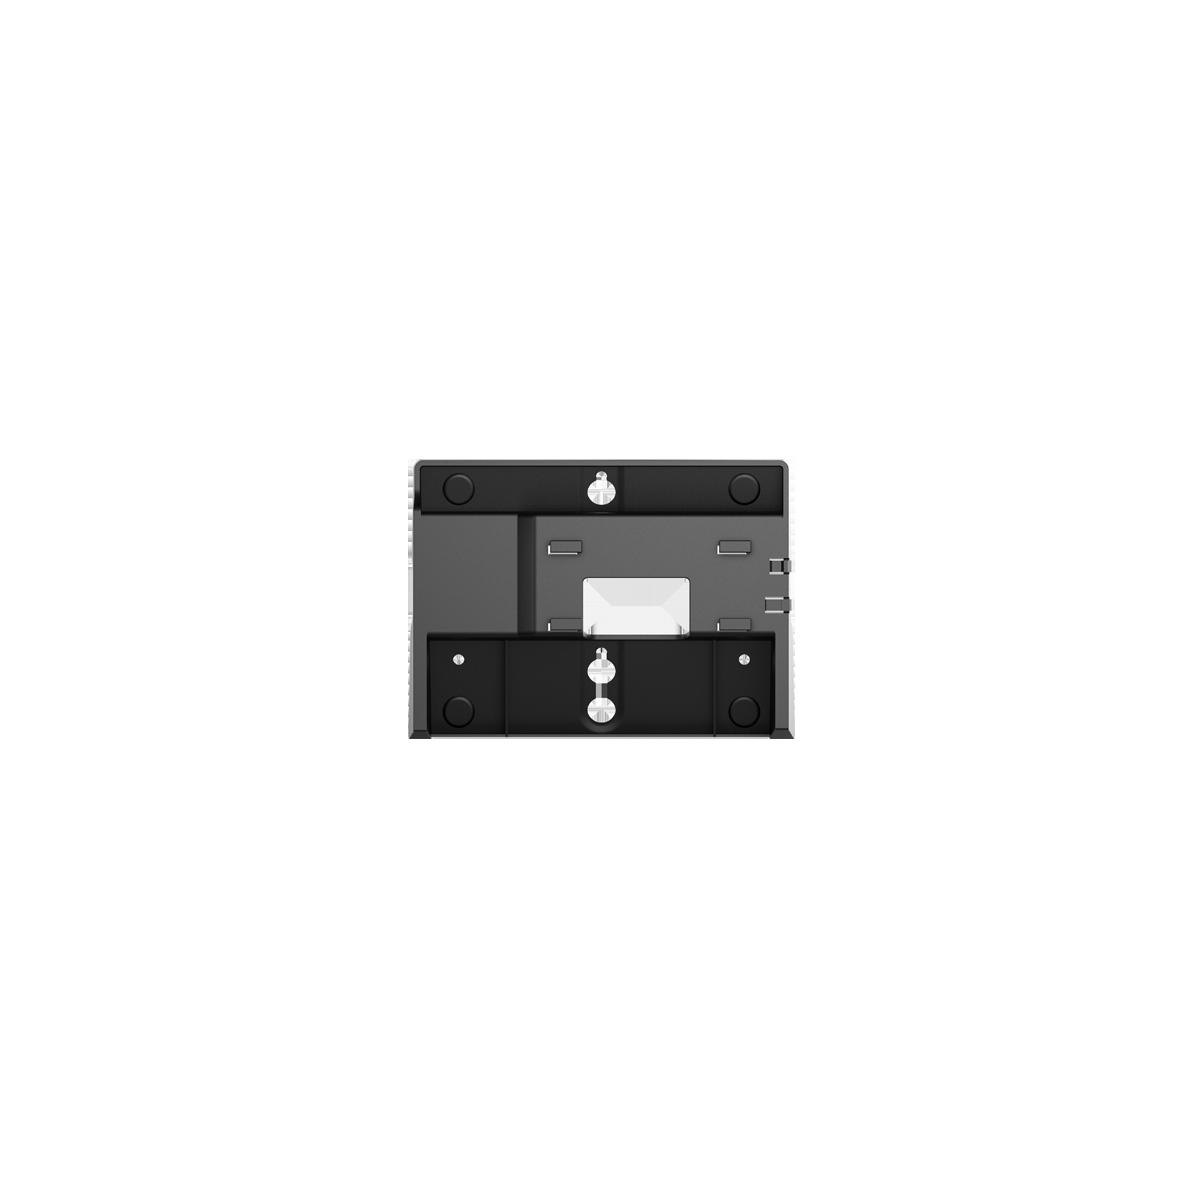 WB102 Supporto a muro per telefoni FANVIL serie  XS (X4SG) e serie XU (X4U / X5U / X6U)